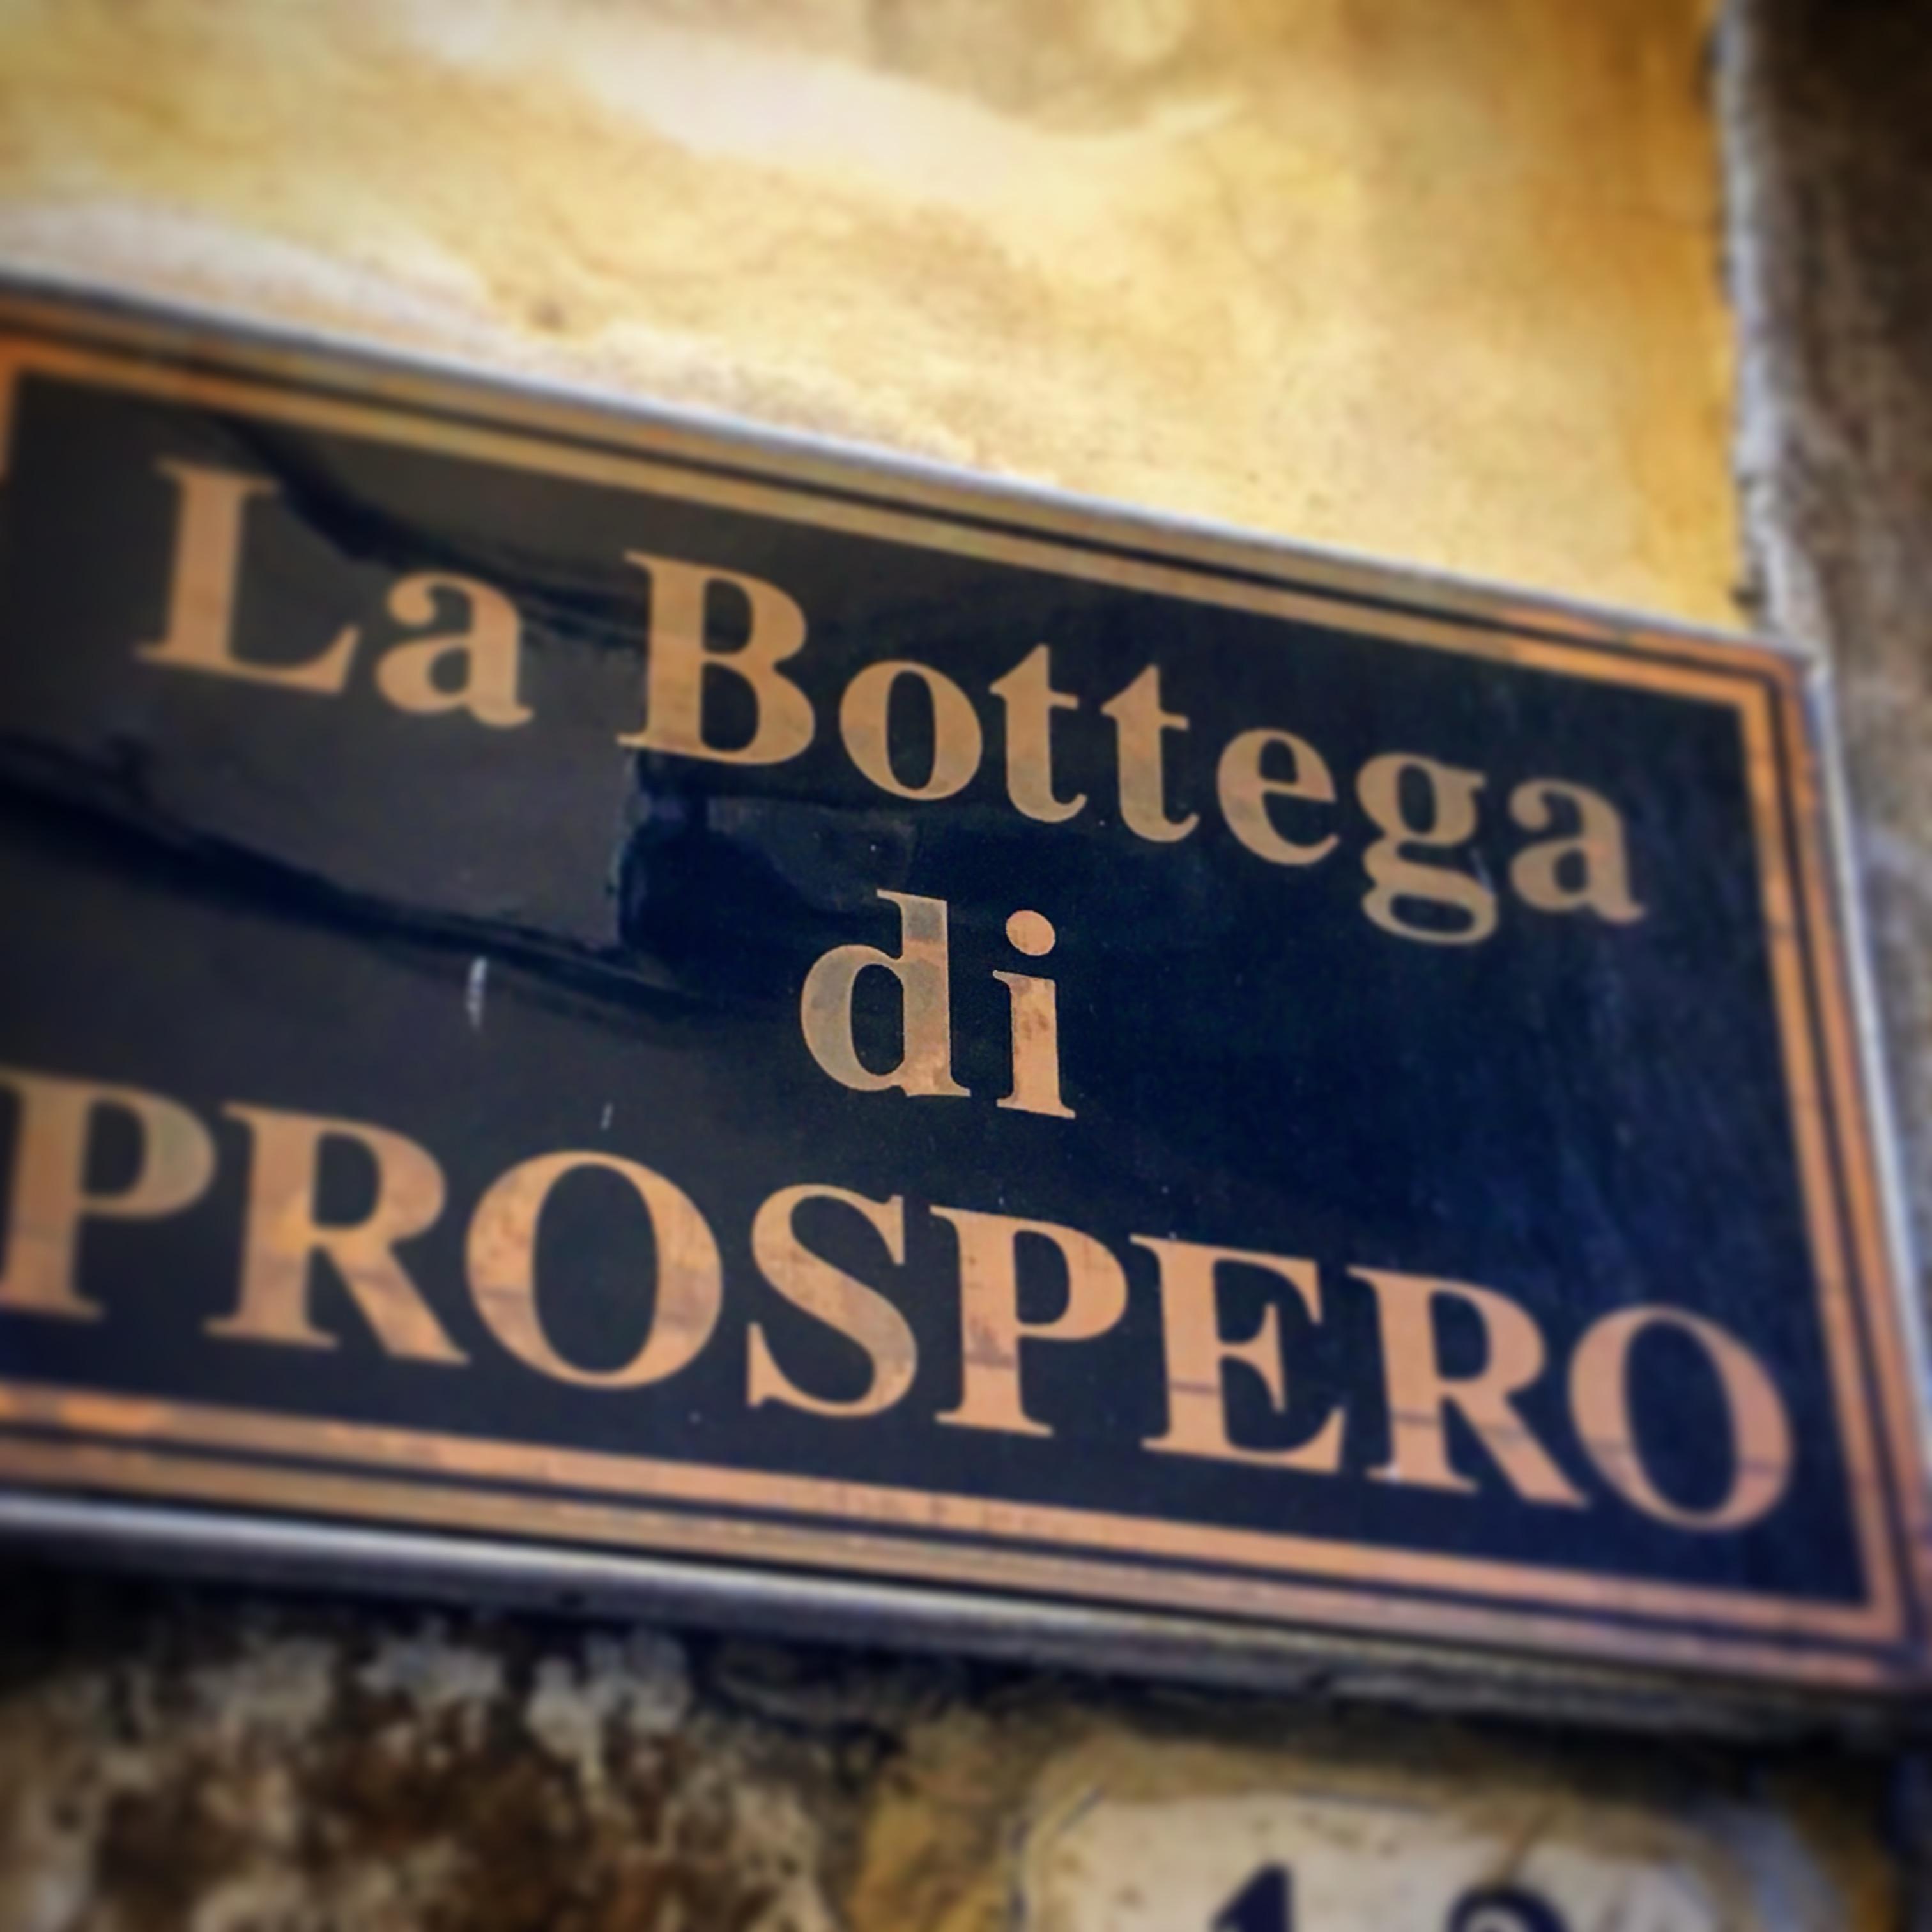 Mangiare a manovella, La Bottega di PROSPERO, Lucca, Toscana, Via Santa Lucia, Semente, Farina, Marcucci,